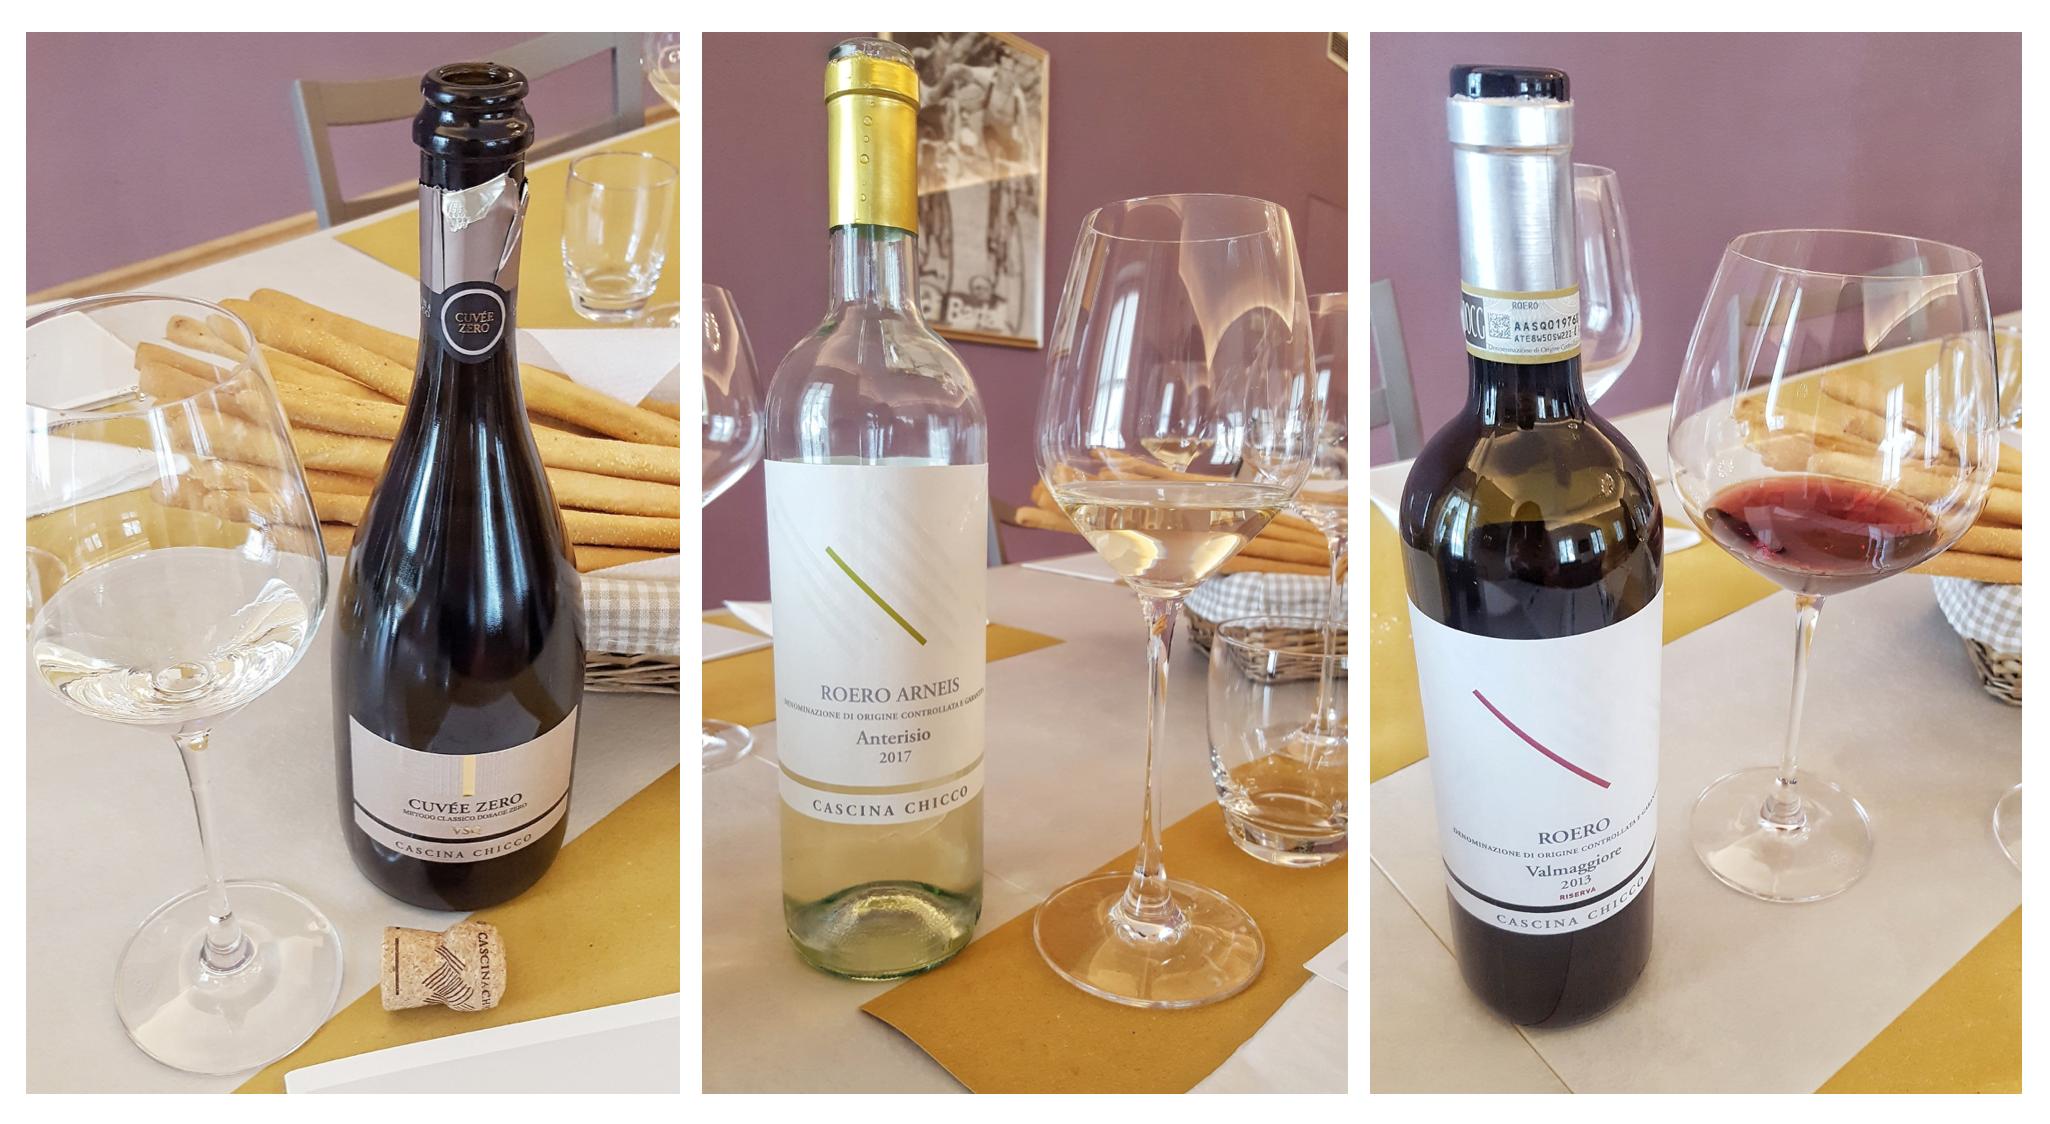 イタリアワイン スプマンテ ネッビオーロ アルネイス